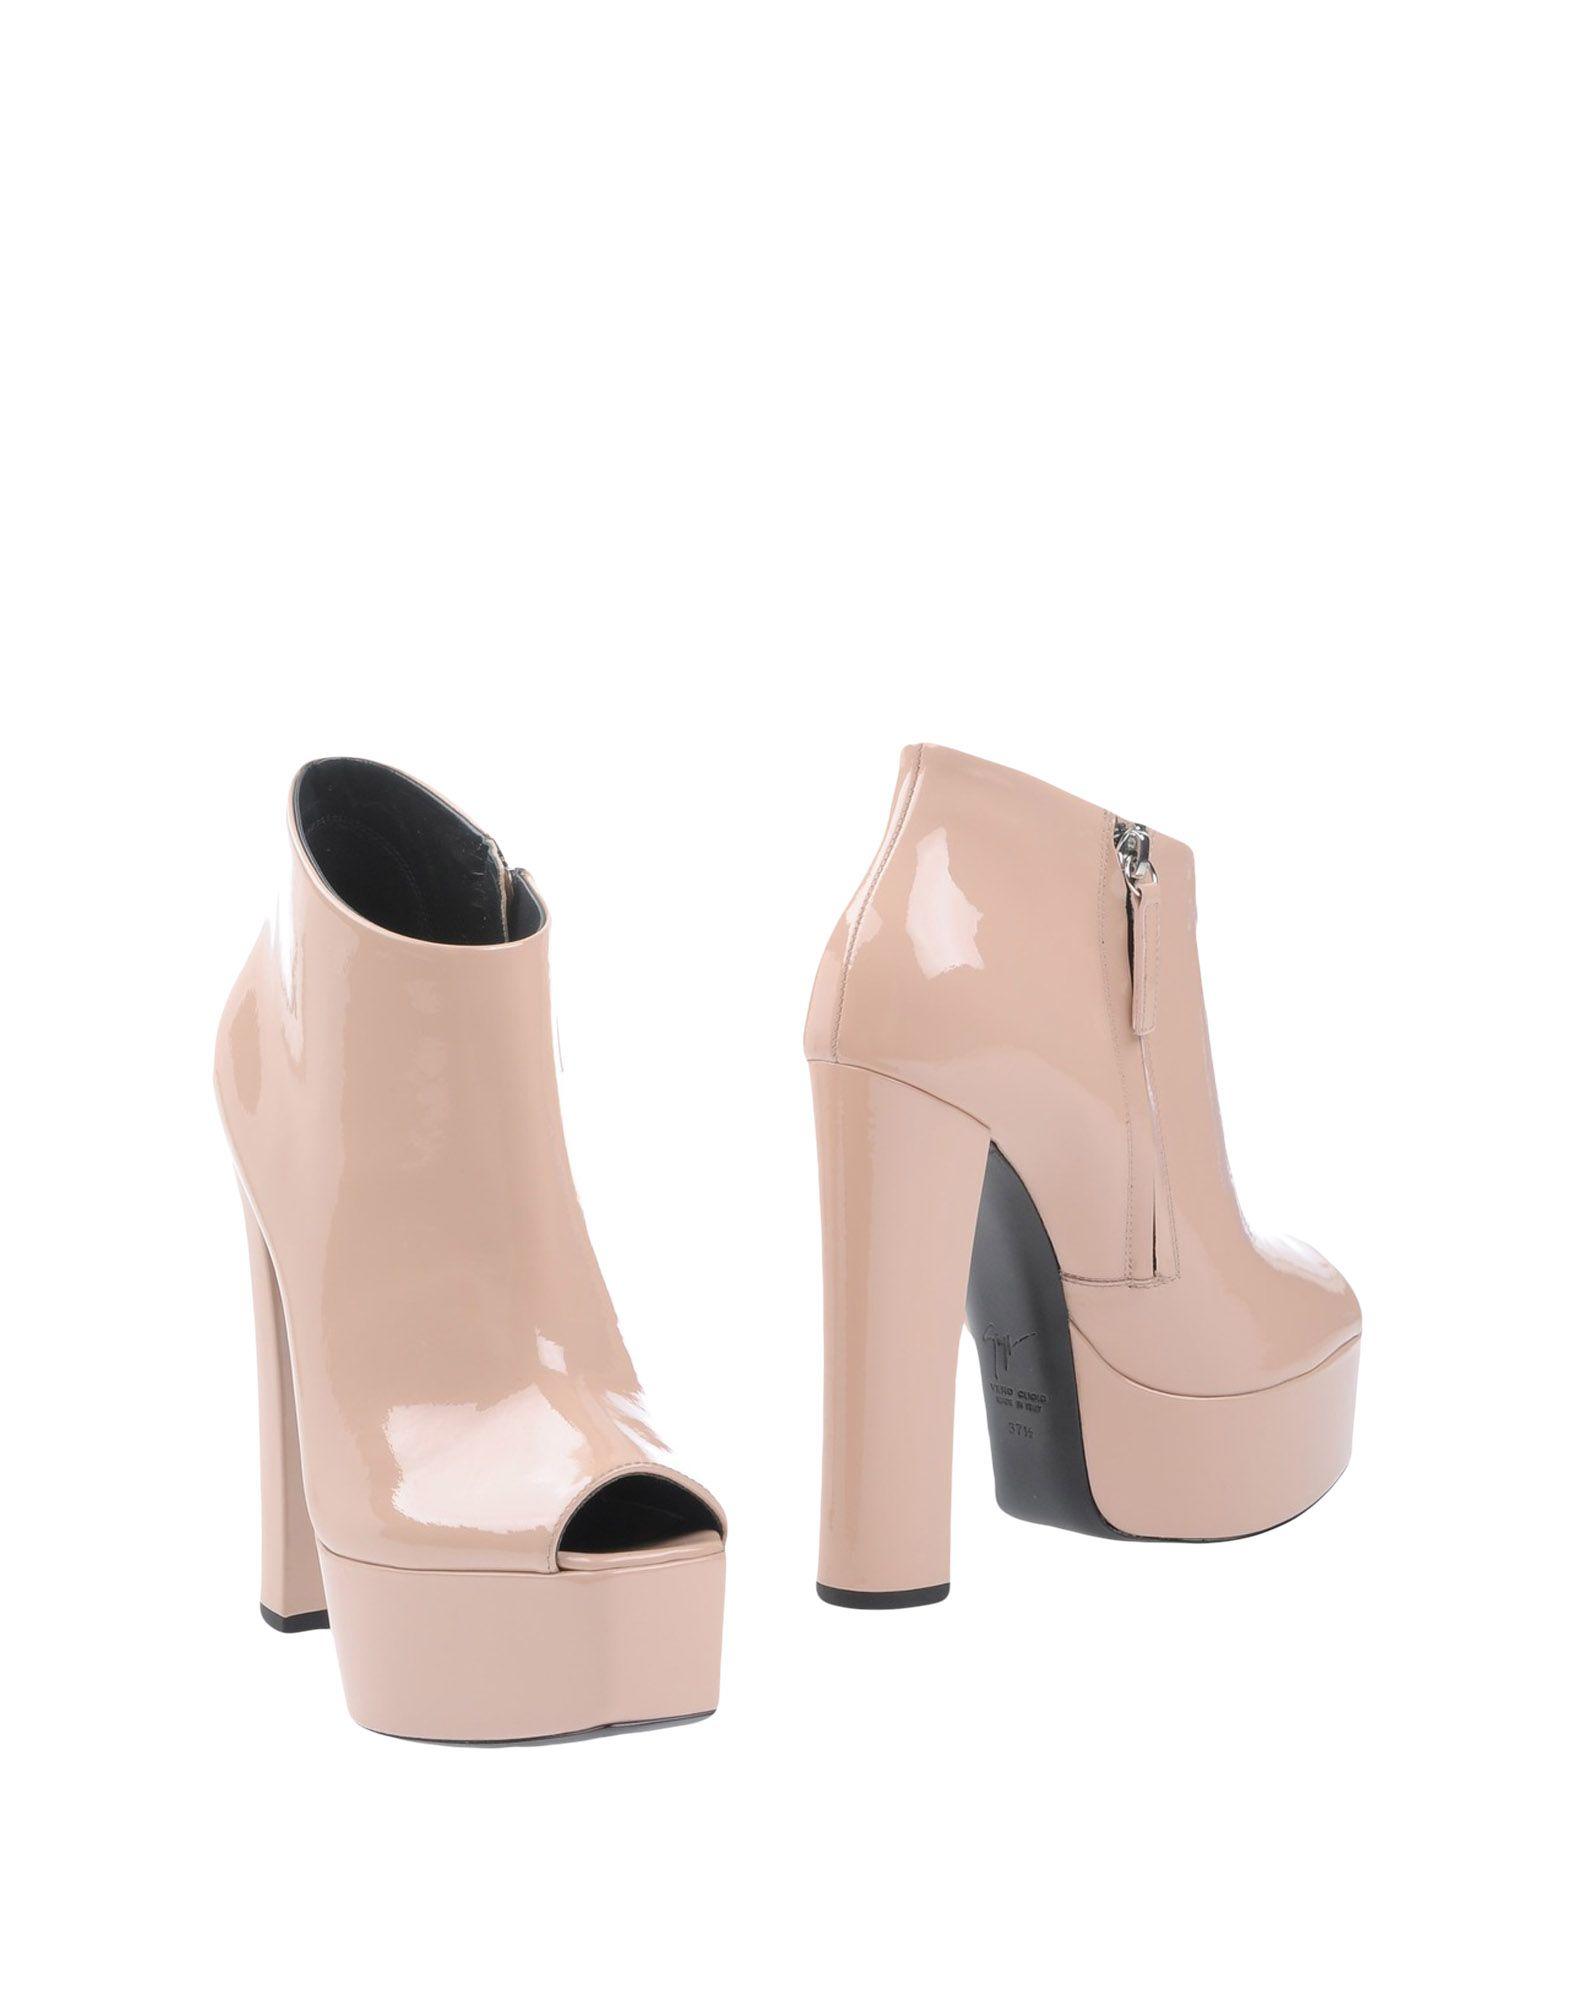 Giuseppe Zanotti Stiefelette Damen  11317980UHGünstige gut gut 11317980UHGünstige aussehende Schuhe 6854c9